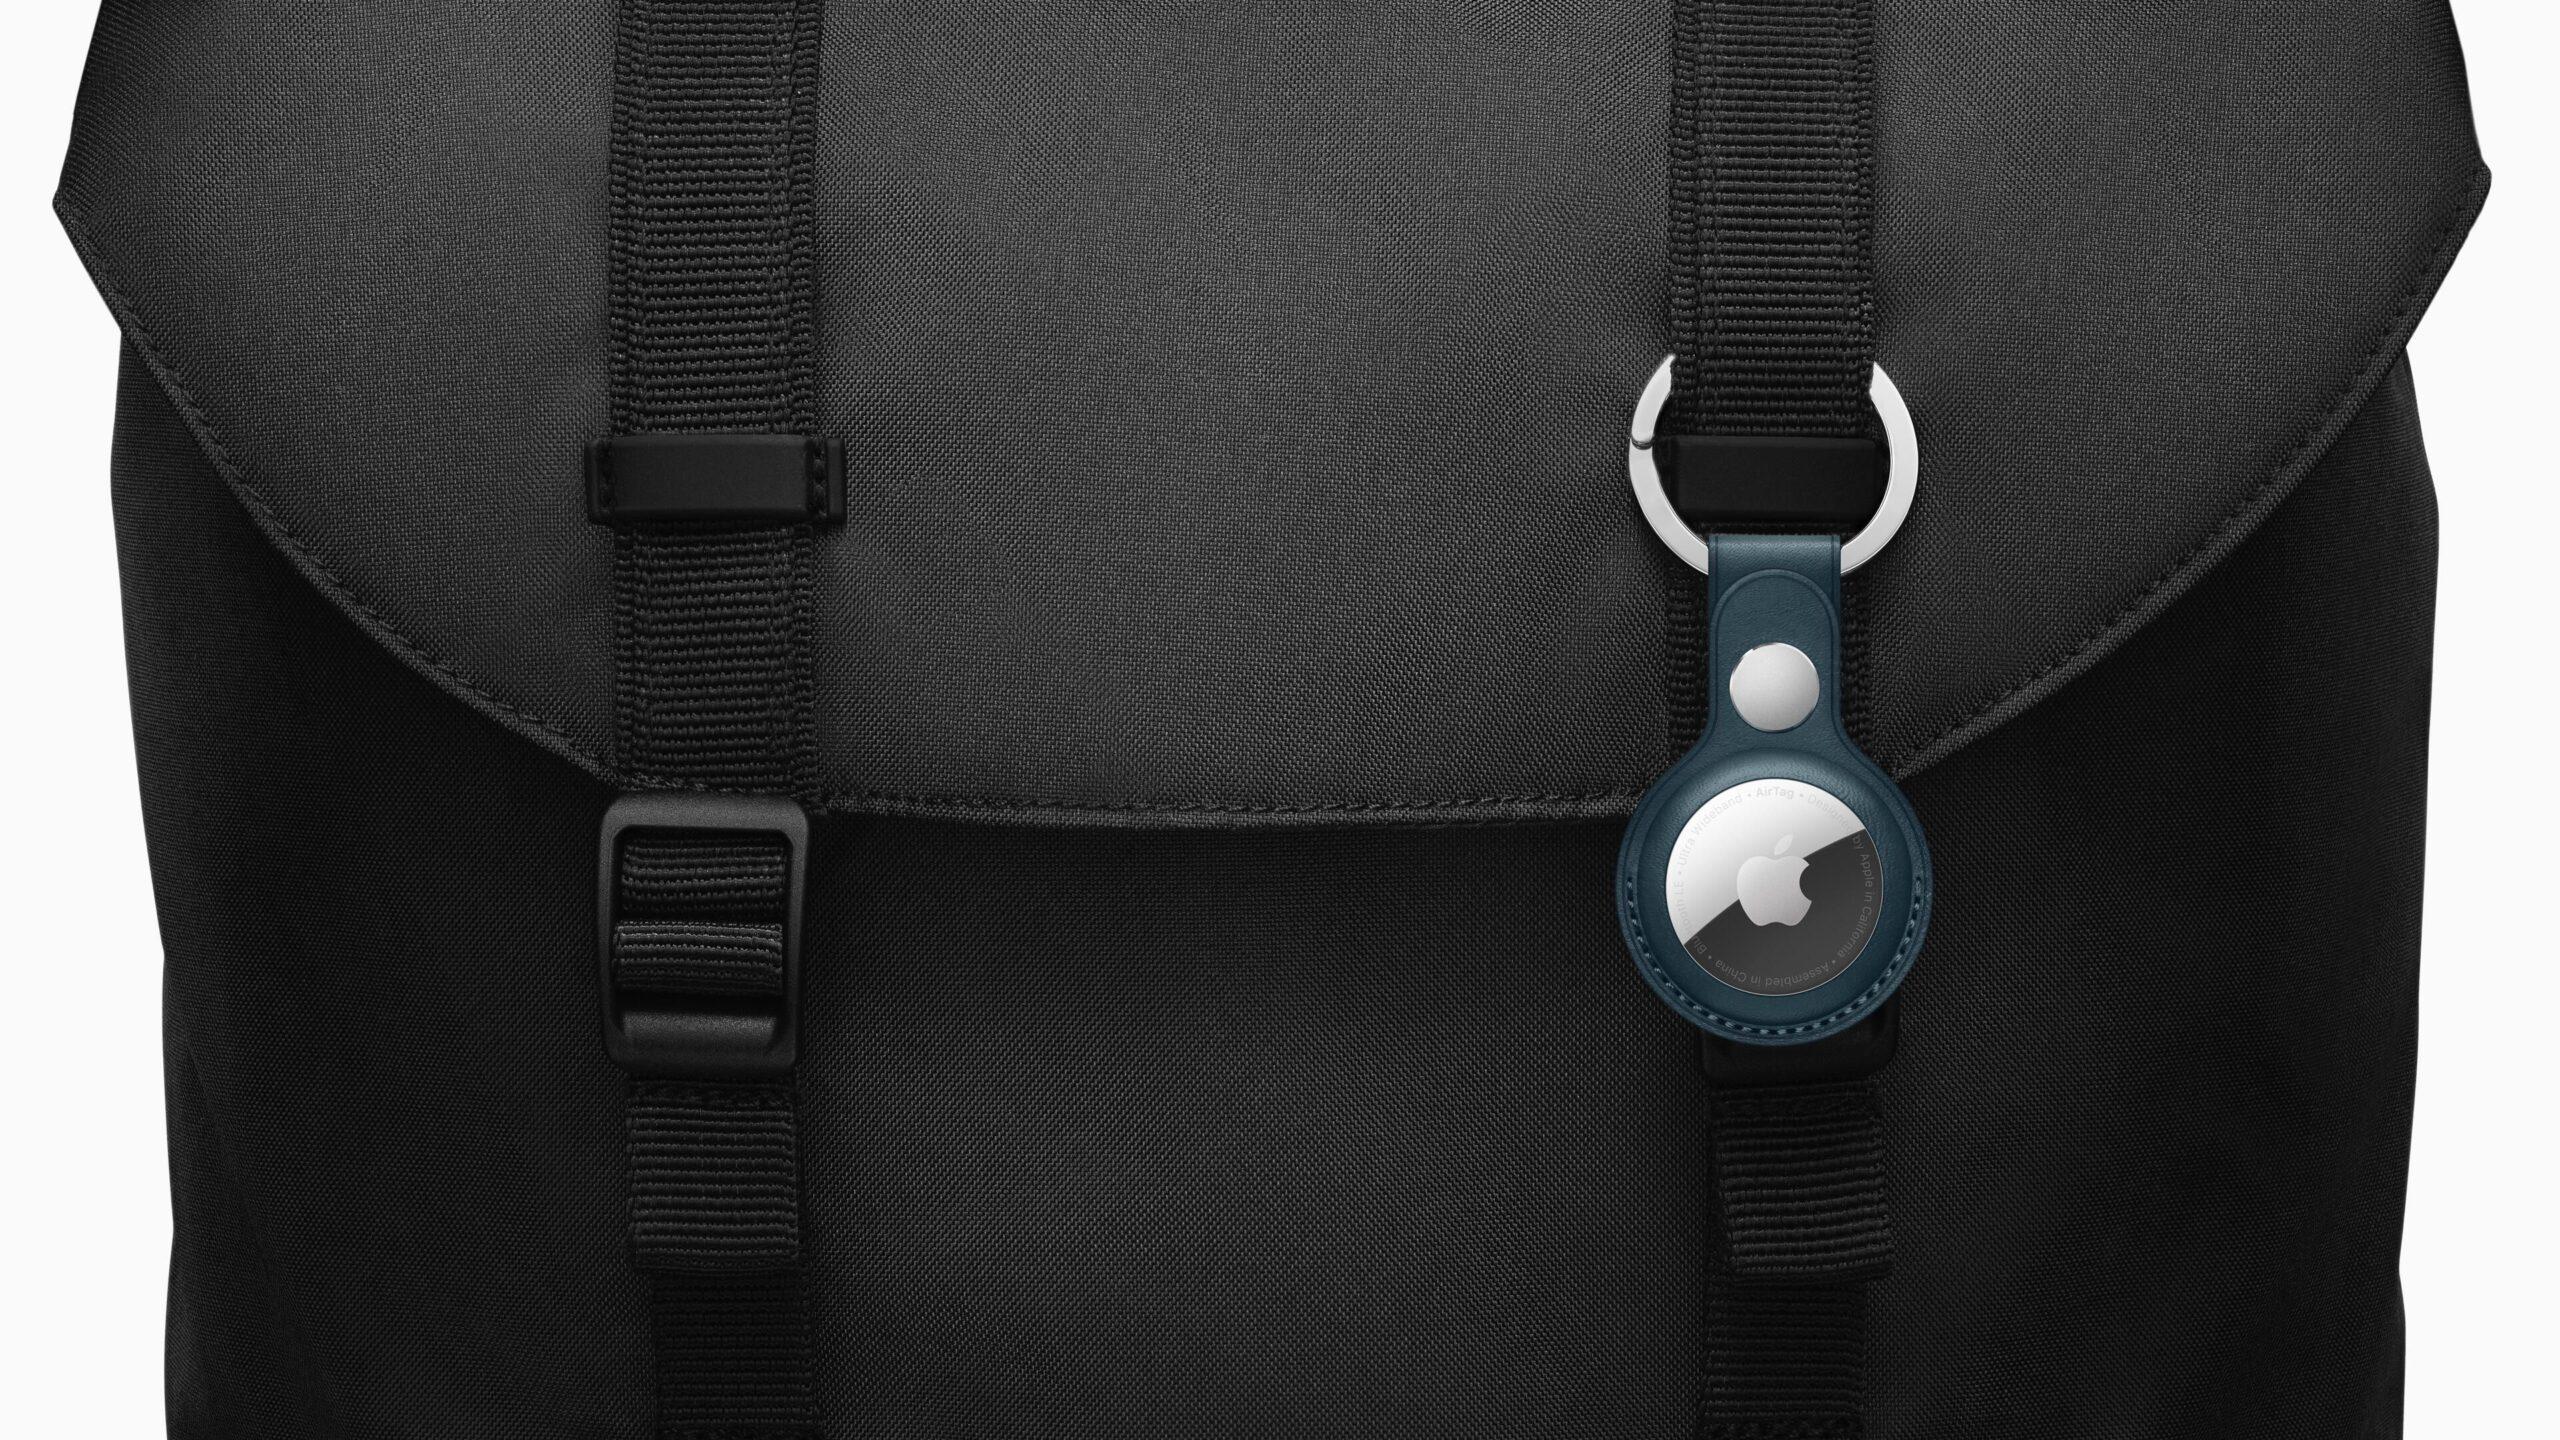 On vous parle aujourd'hui du AirTag, le tout nouveau produit d'Apple